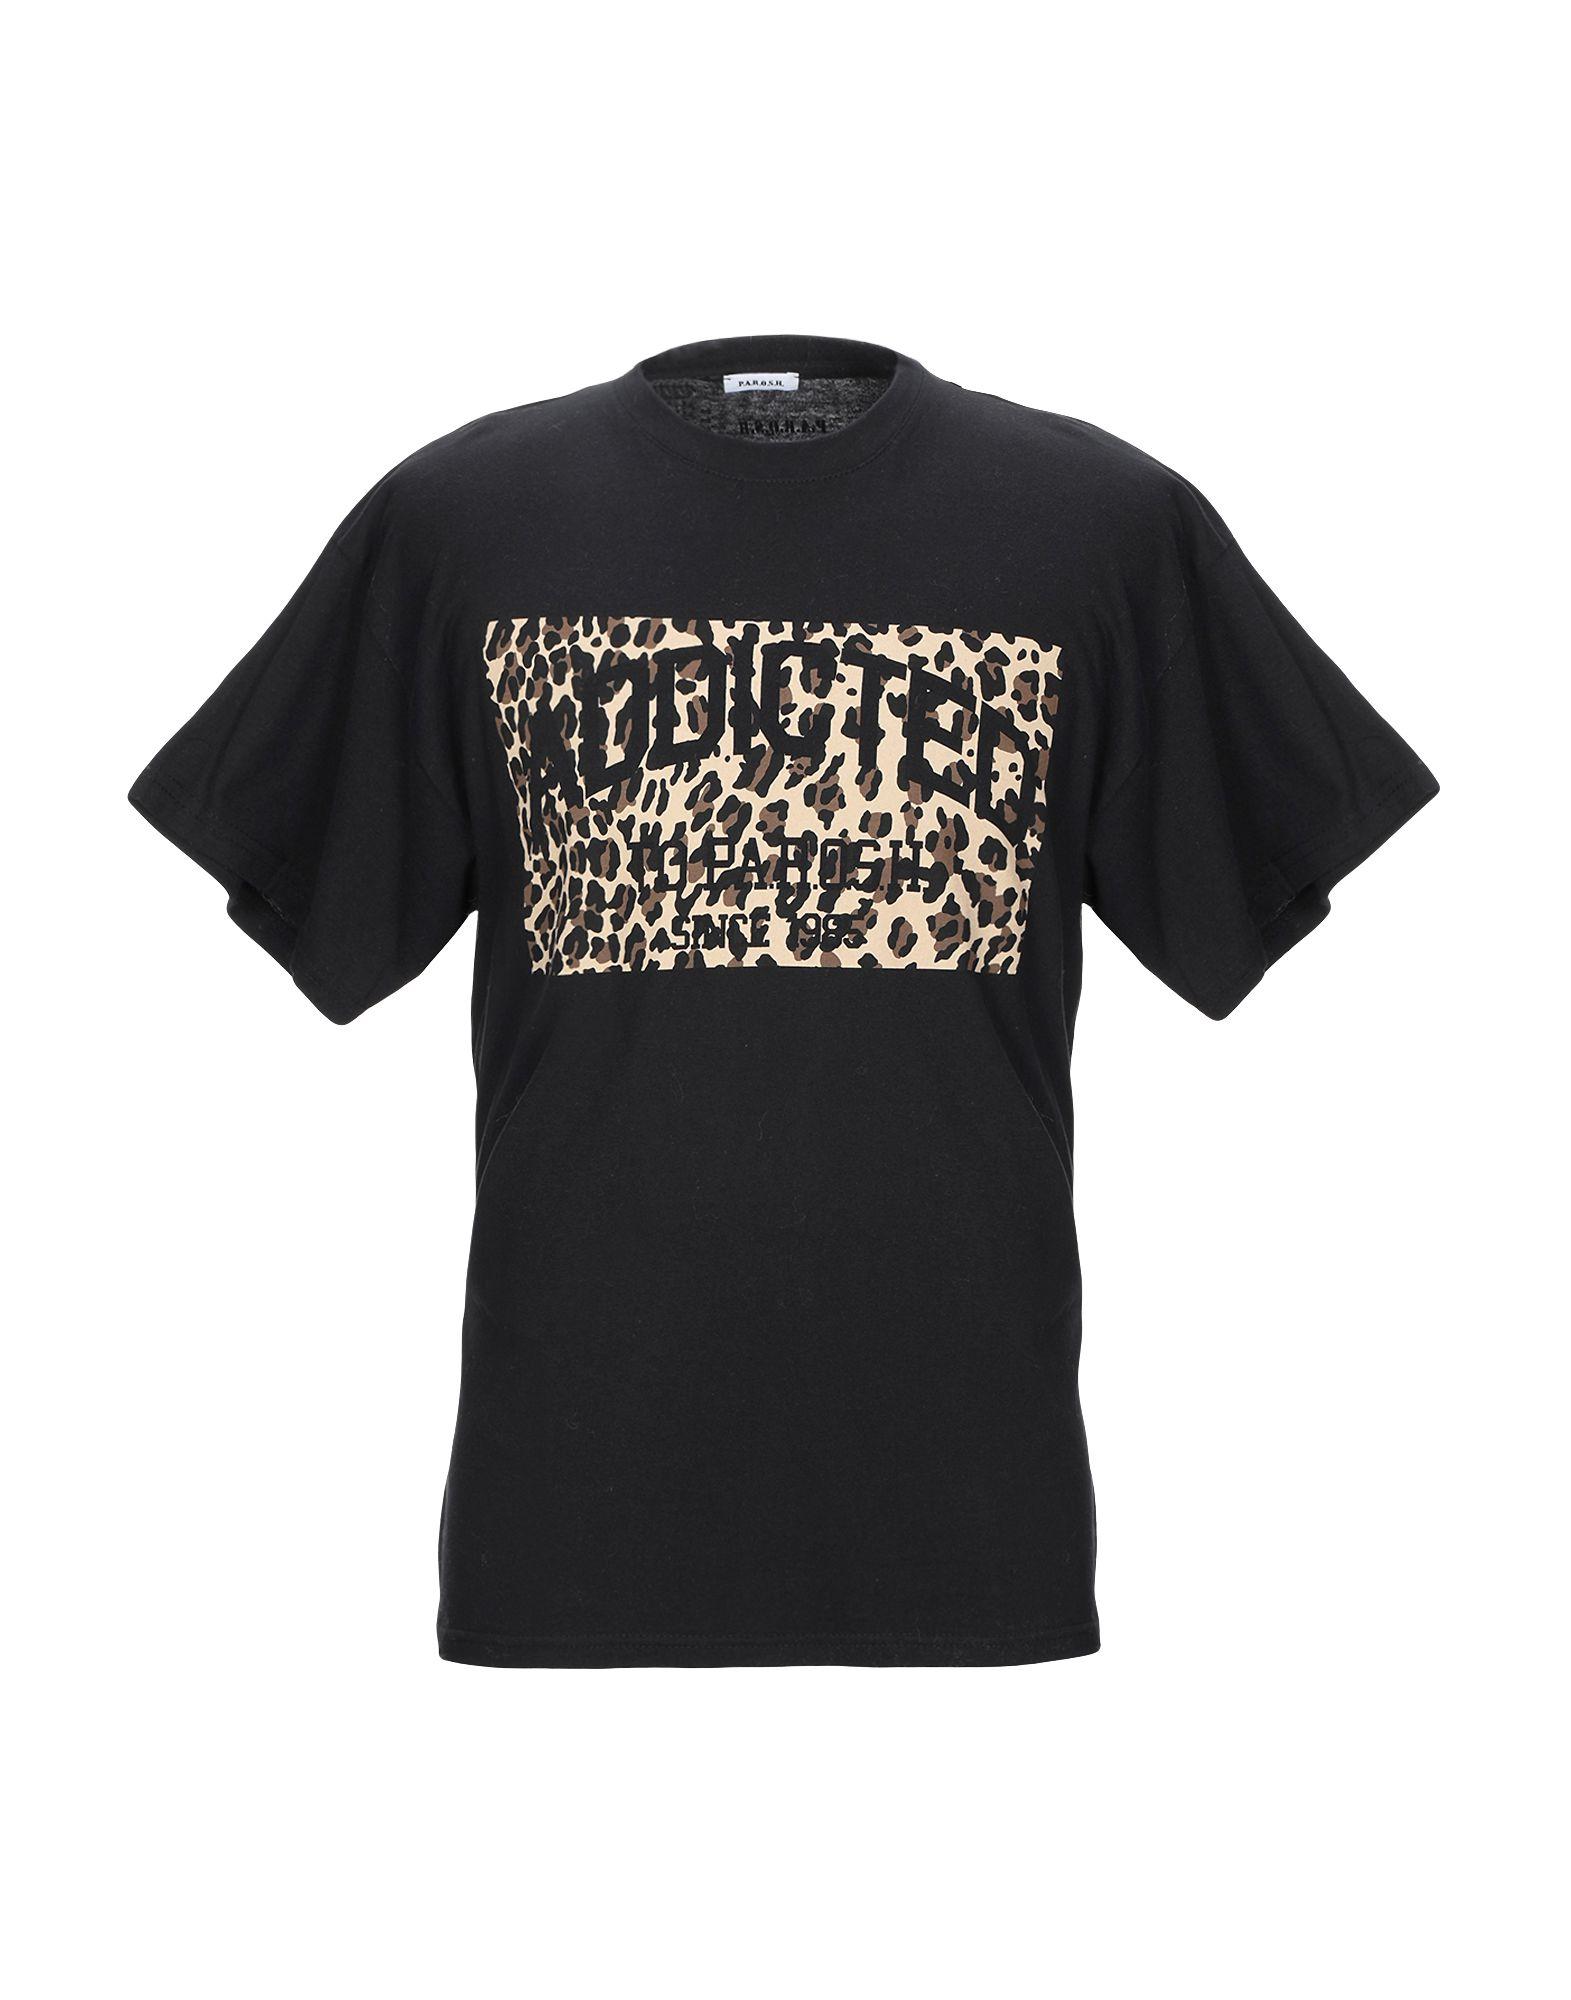 《期間限定セール開催中!》P.A.R.O.S.H. メンズ T シャツ ブラック L コットン 100%